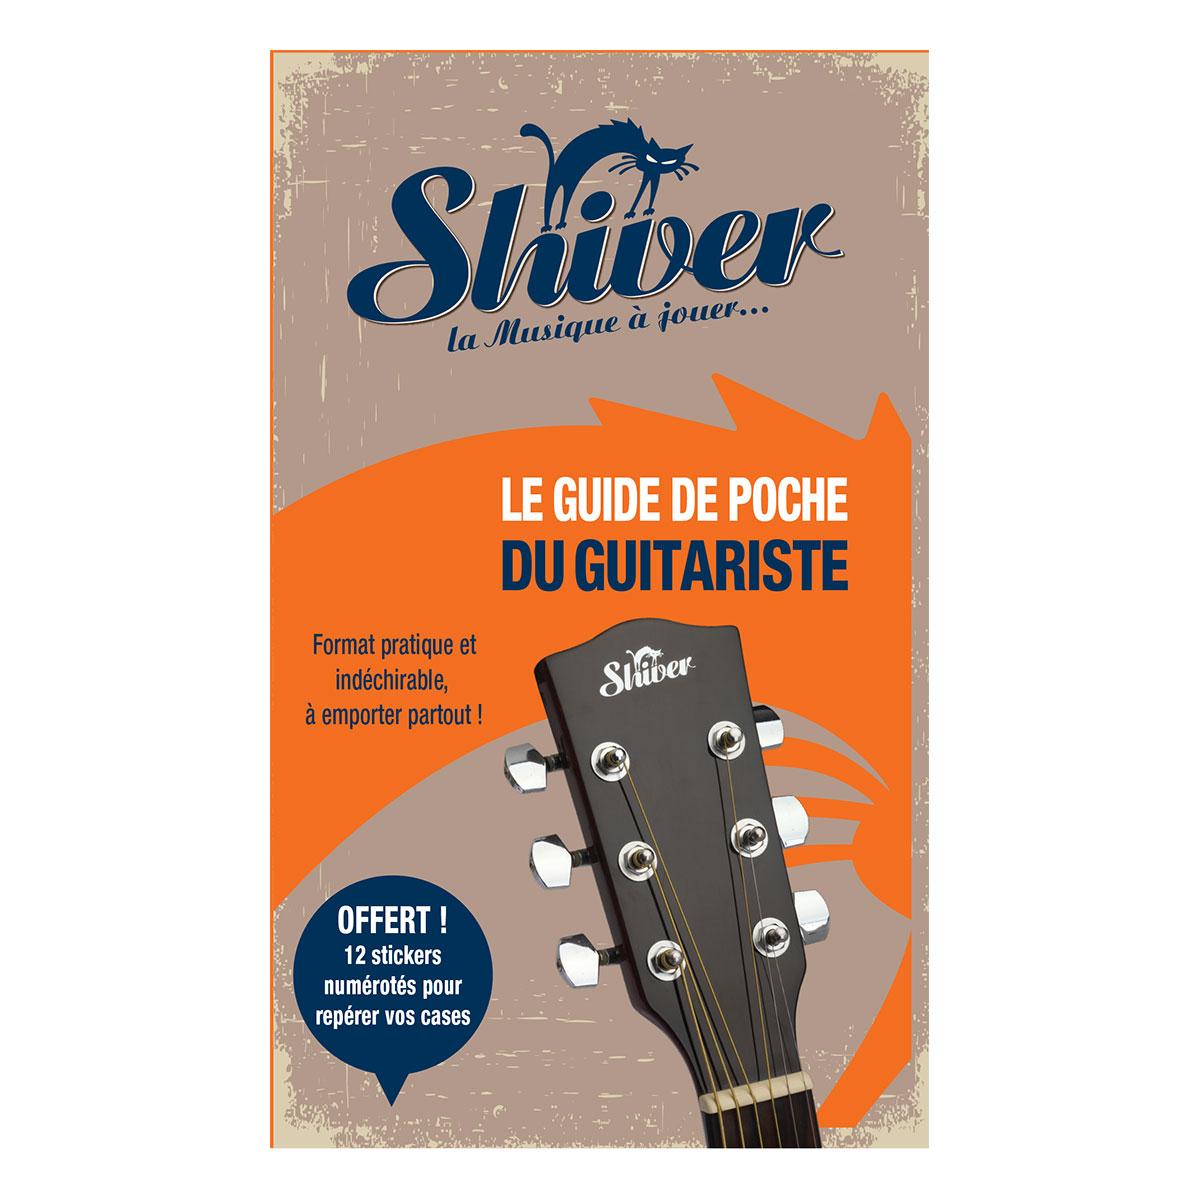 Le guide de poche du guitariste